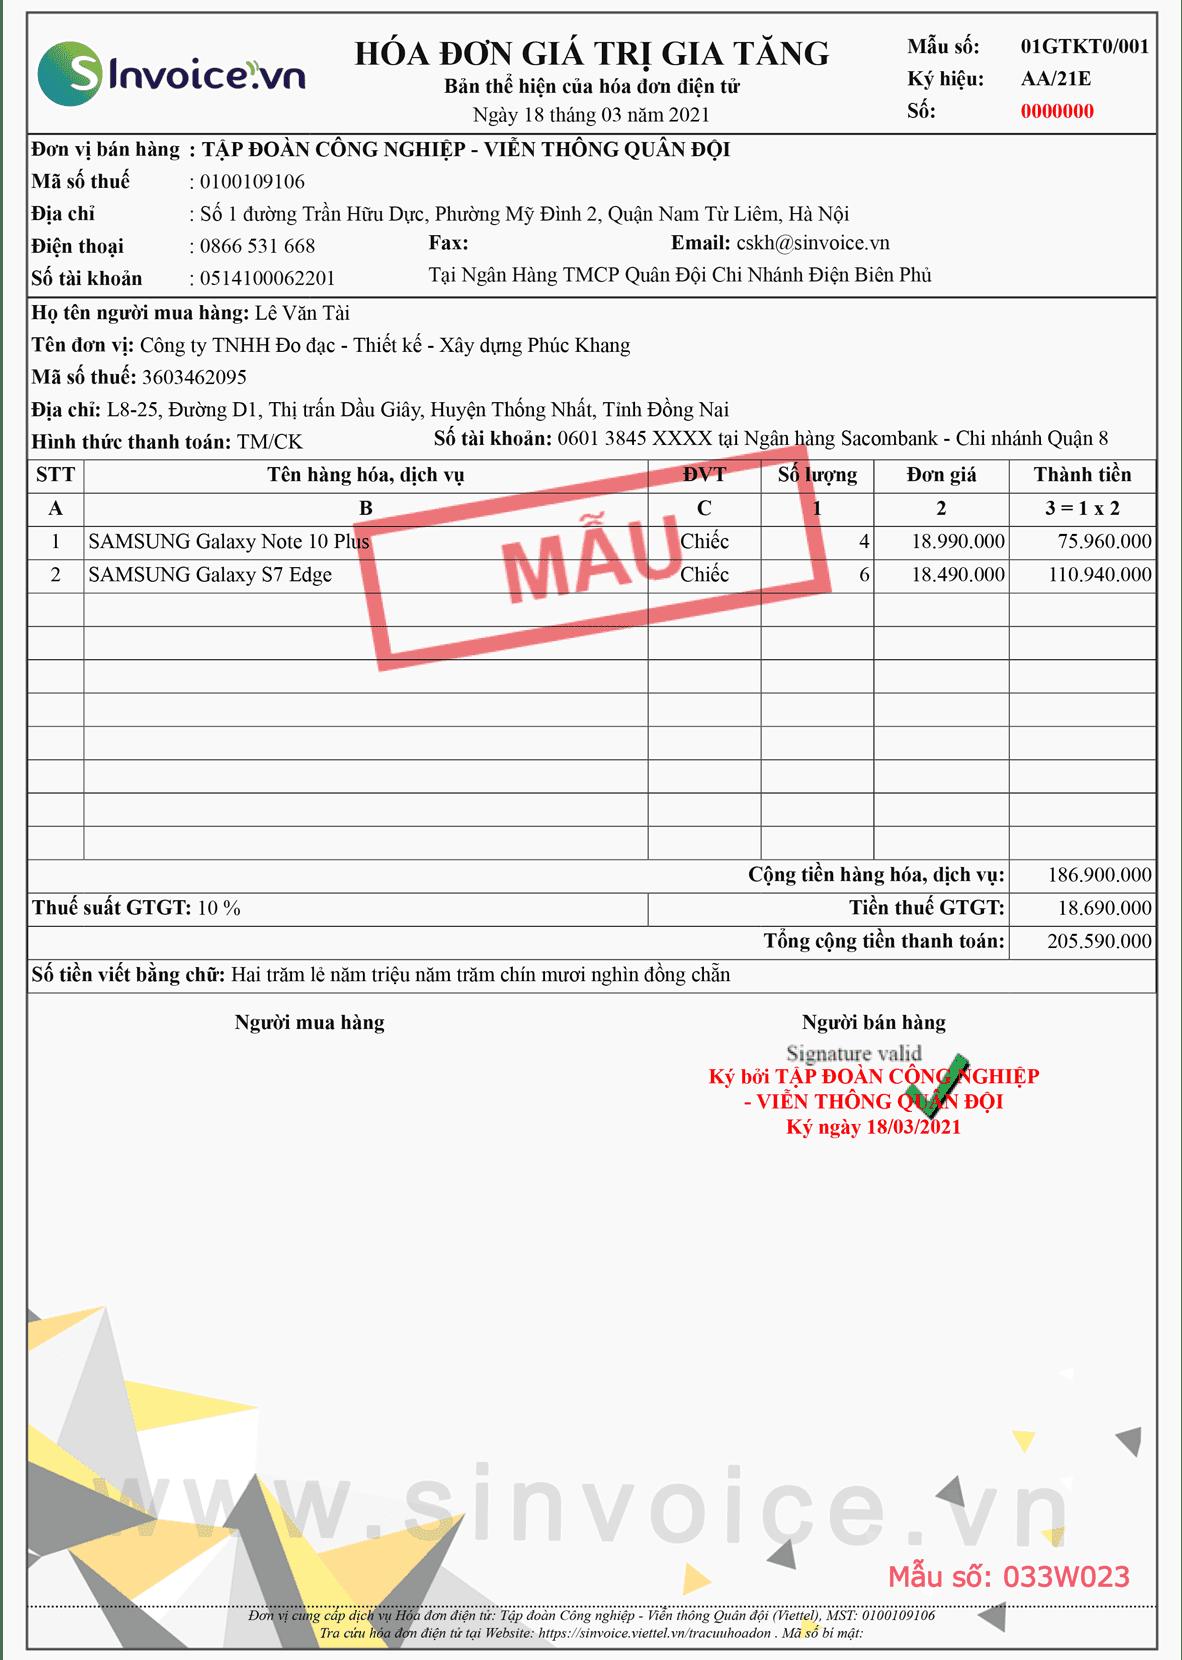 Mẫu hóa đơn điện tử số 033W023